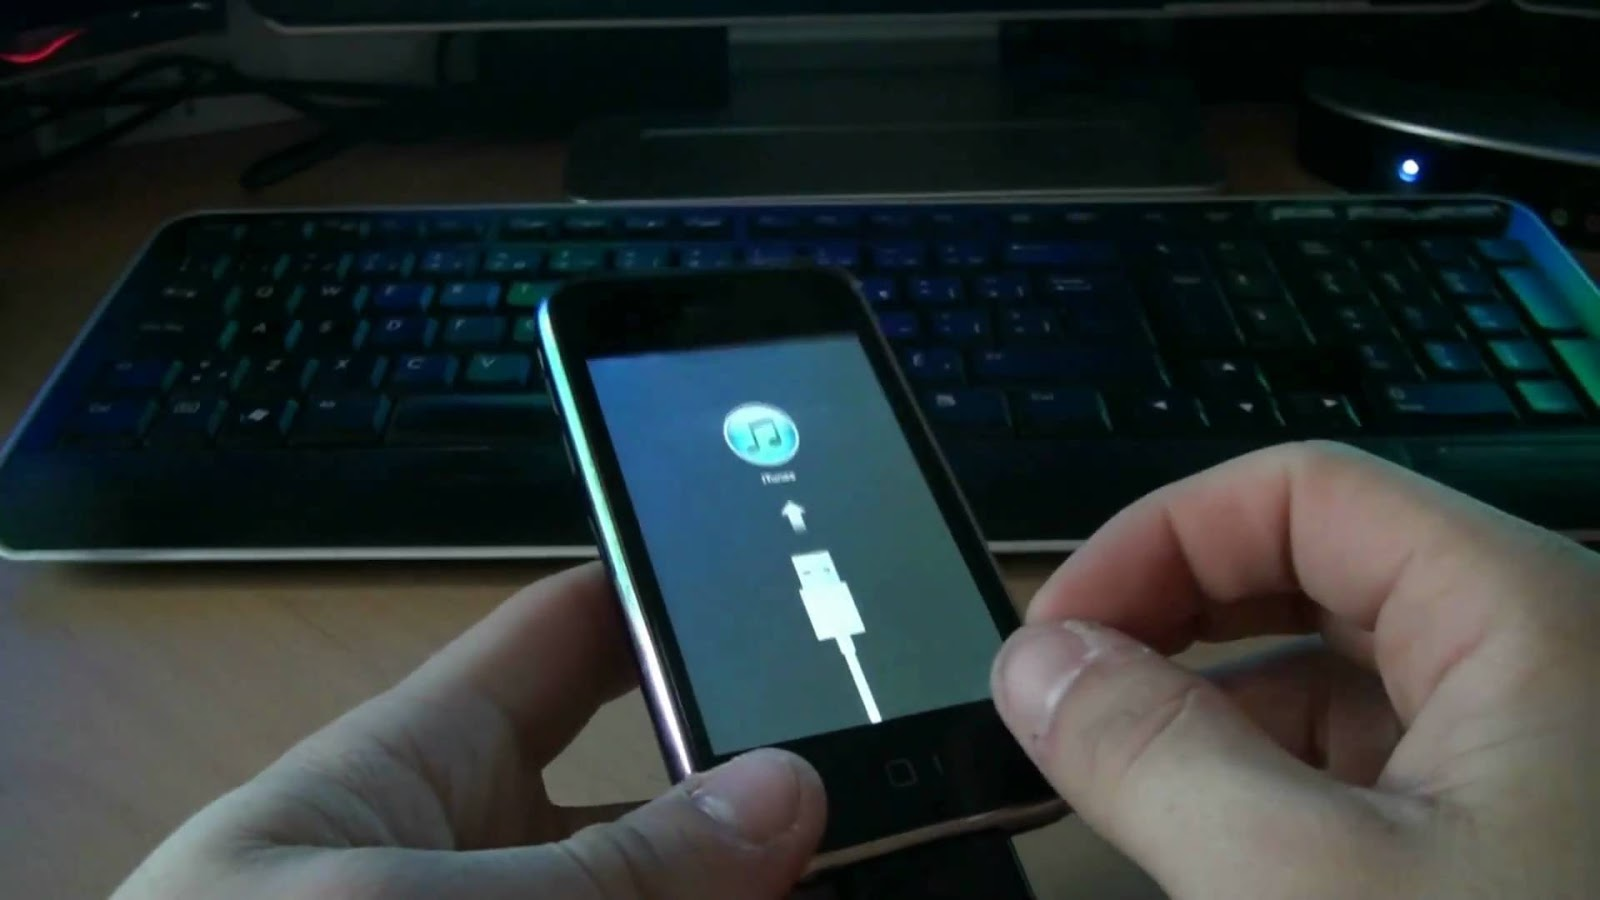 Votre Iphone N A Pas Pu Etre Active Car Le Serveur D Activation Est Injoignable Astucesinformatique